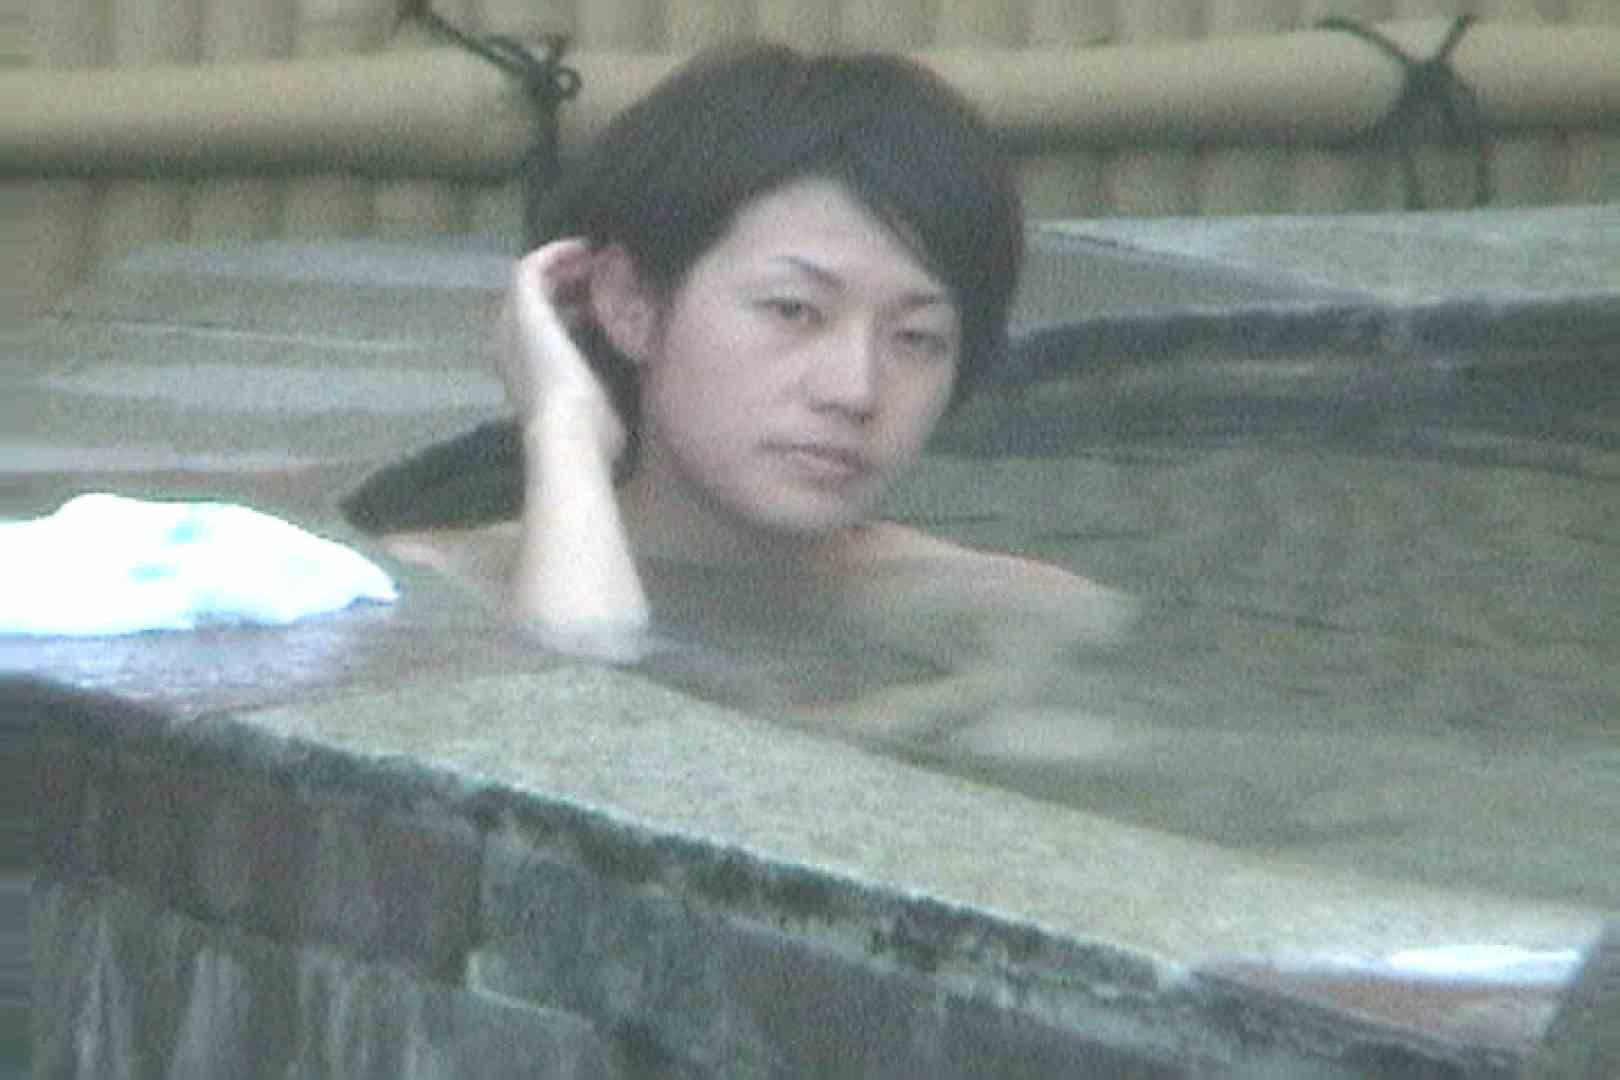 Aquaな露天風呂Vol.100【VIP限定】 盗撮 | 露天  98pic 54